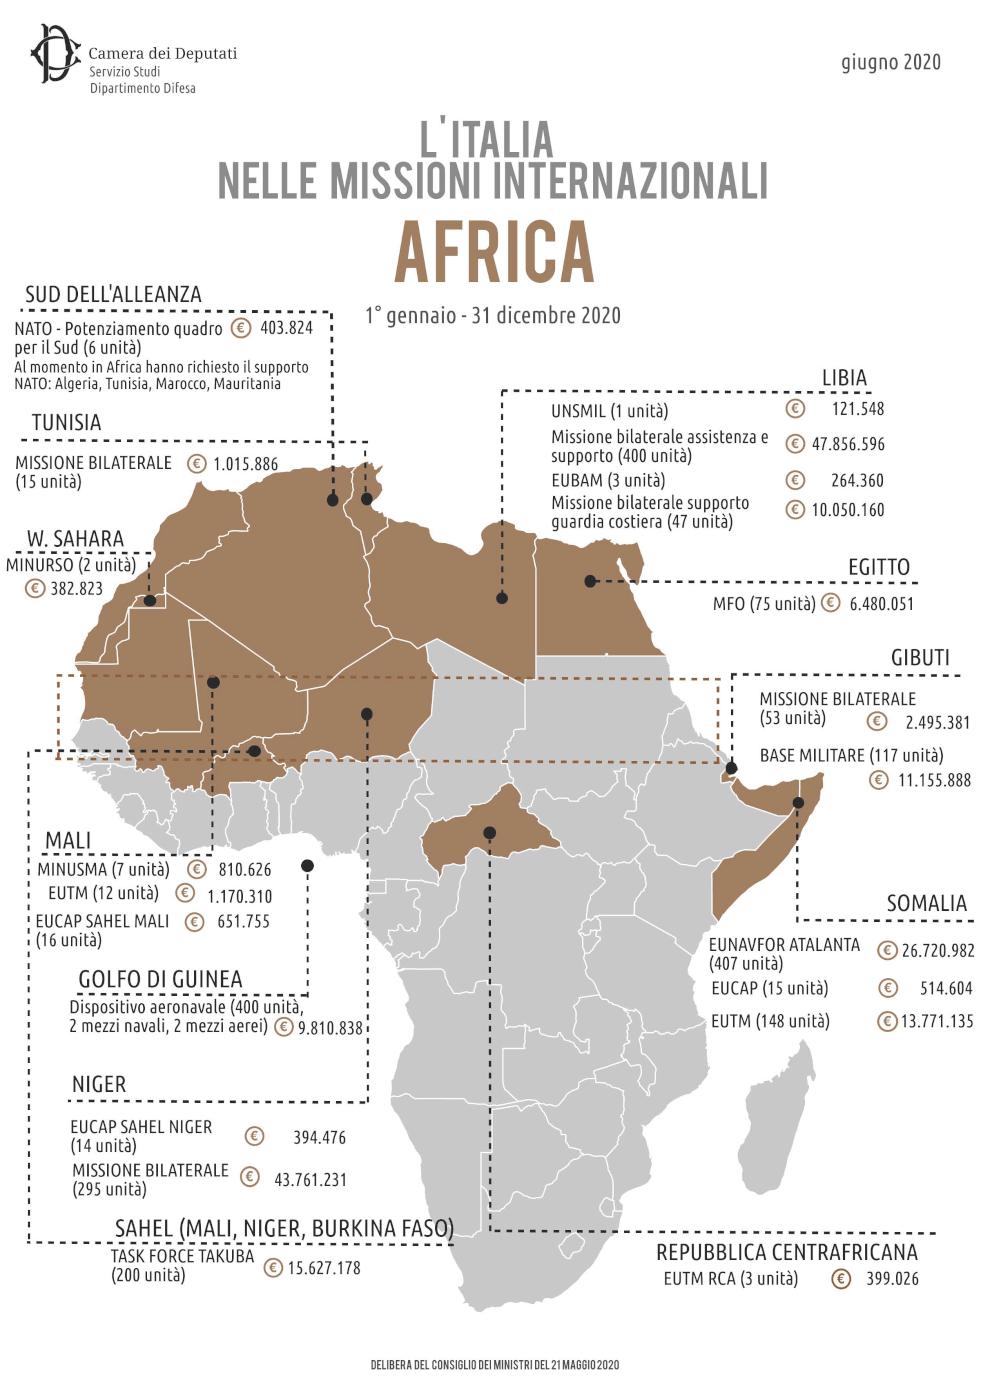 Italian neocolonialism in Africa